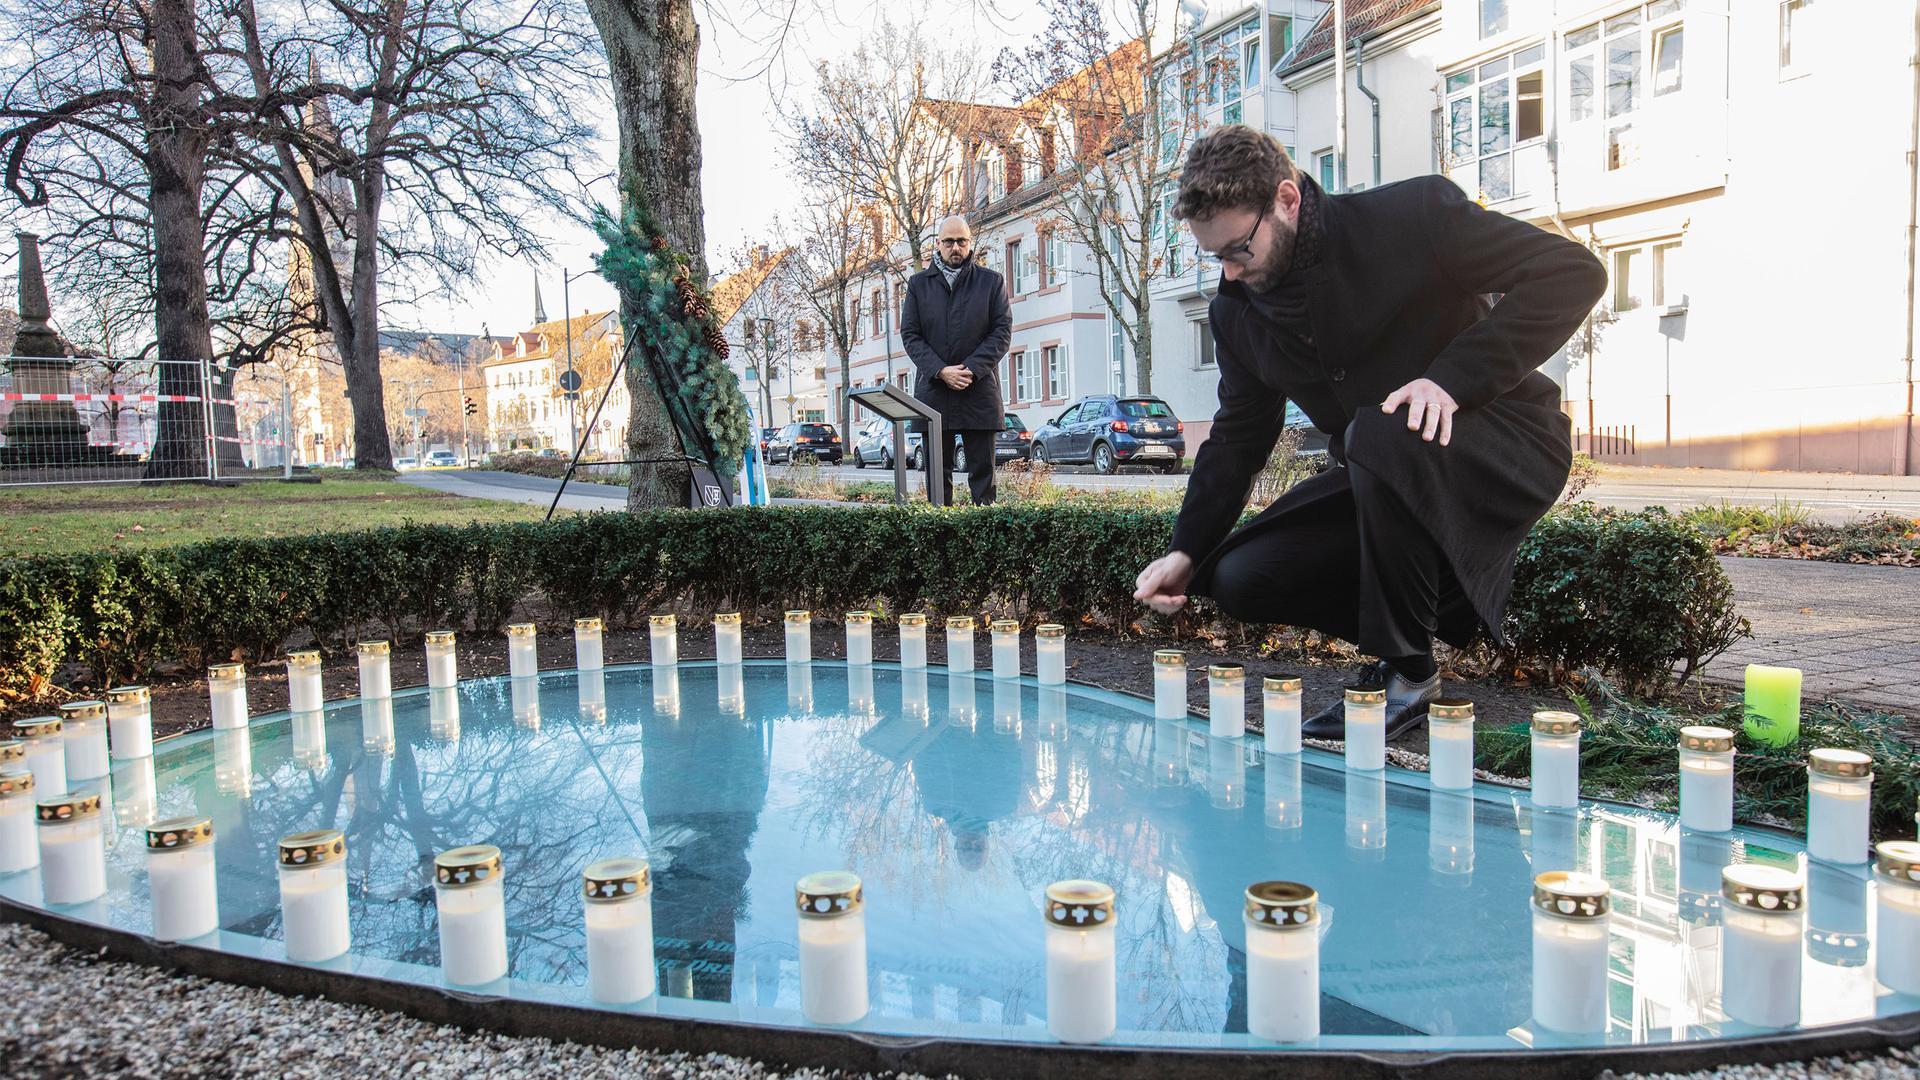 Bürgermeister Moritz Heidecker stellt eine Kerze auf eine Glasplatte am Mahnmal für die Ettlinger Juden.